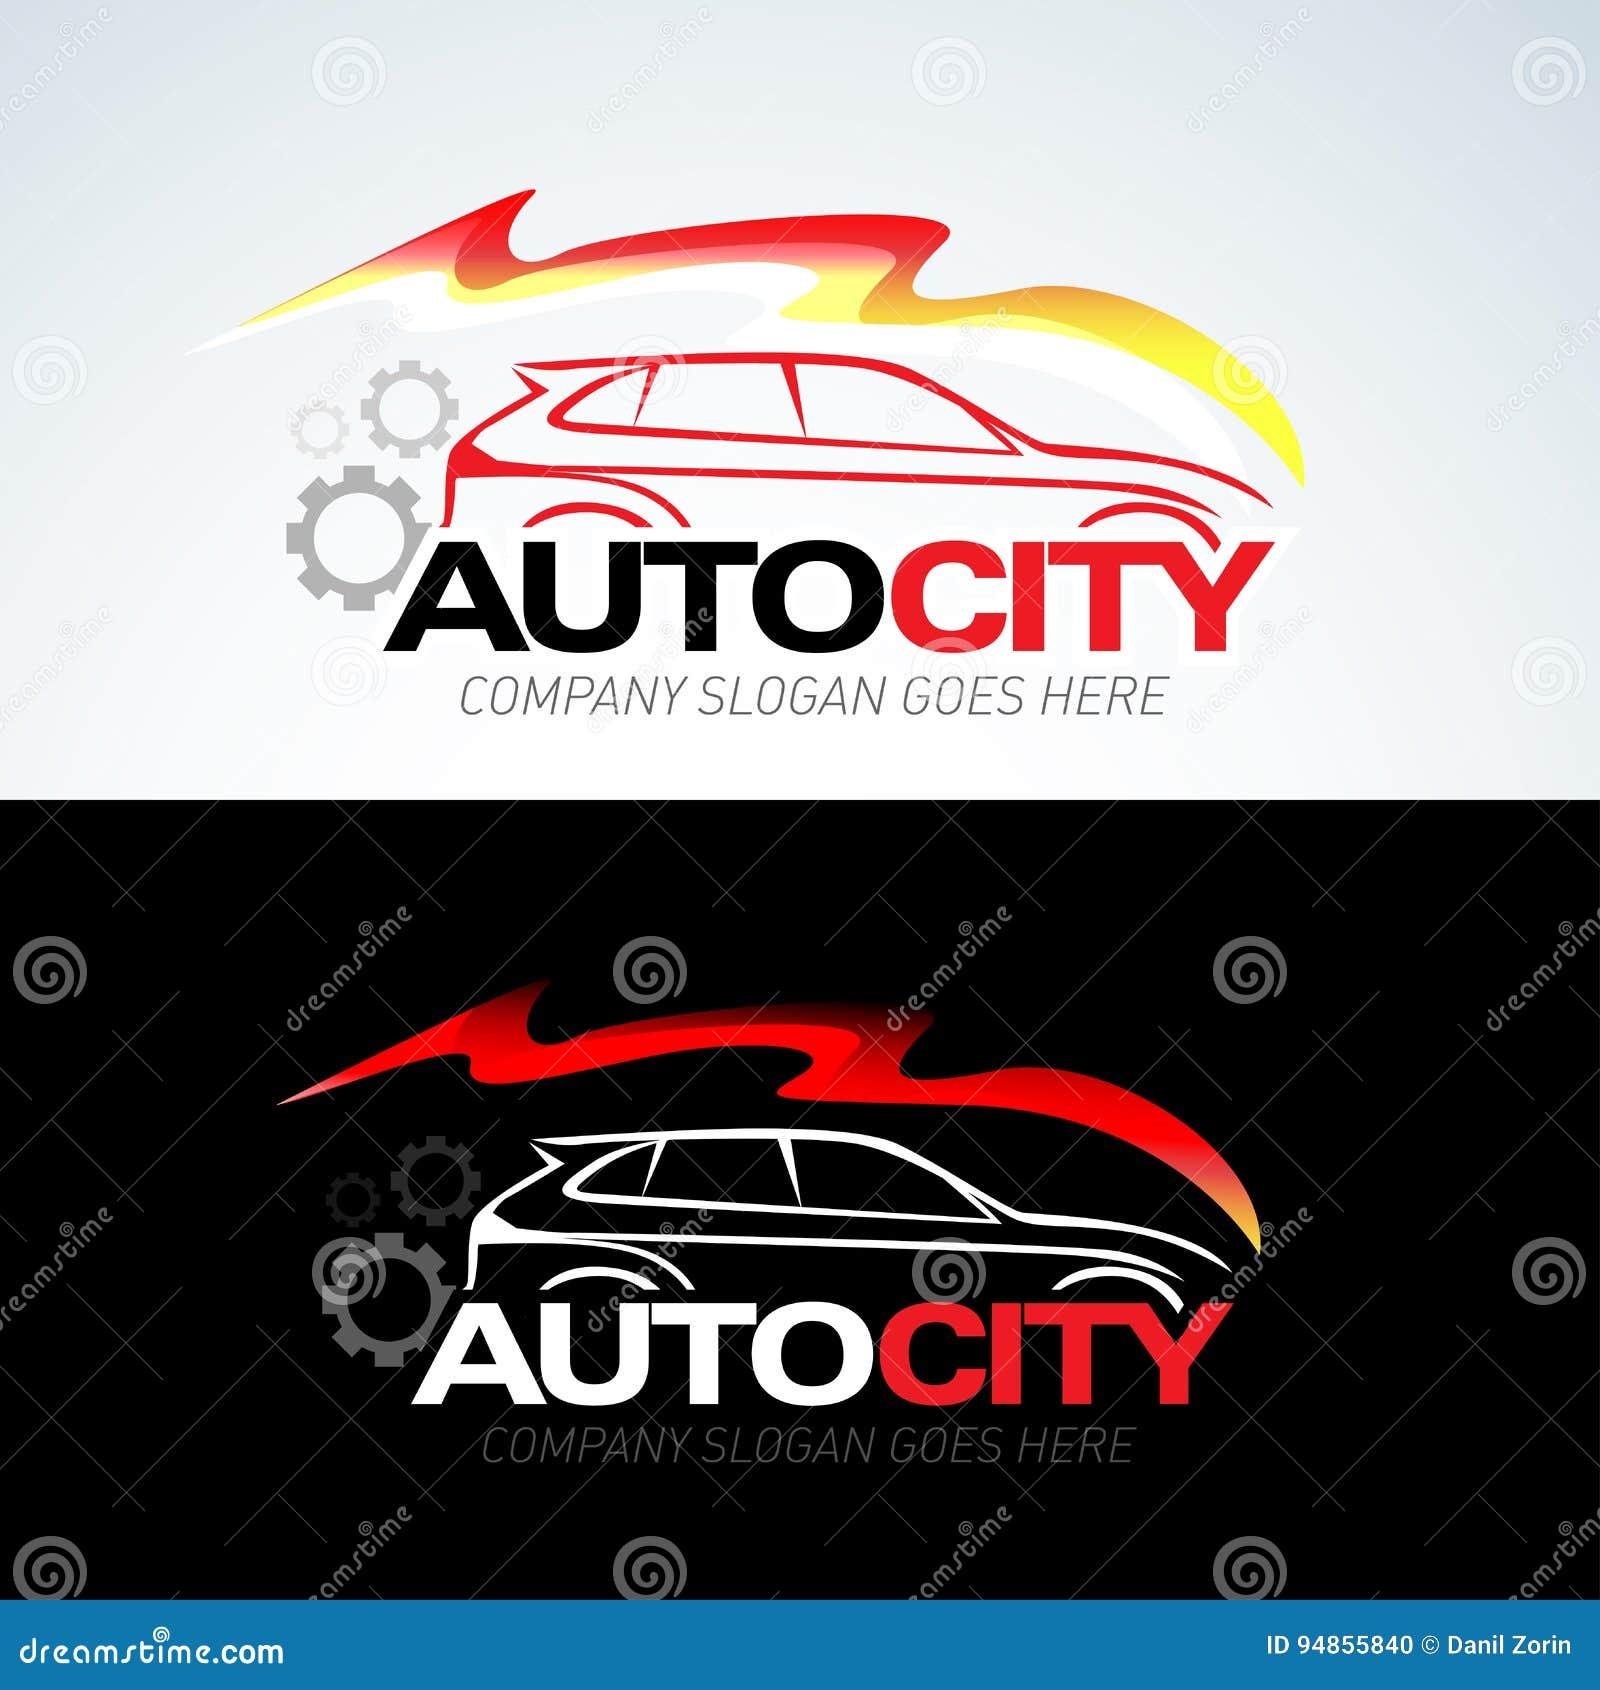 La Plantilla Auto Del Logotipo Del Coche De La Ciudad, Coches Autos ...